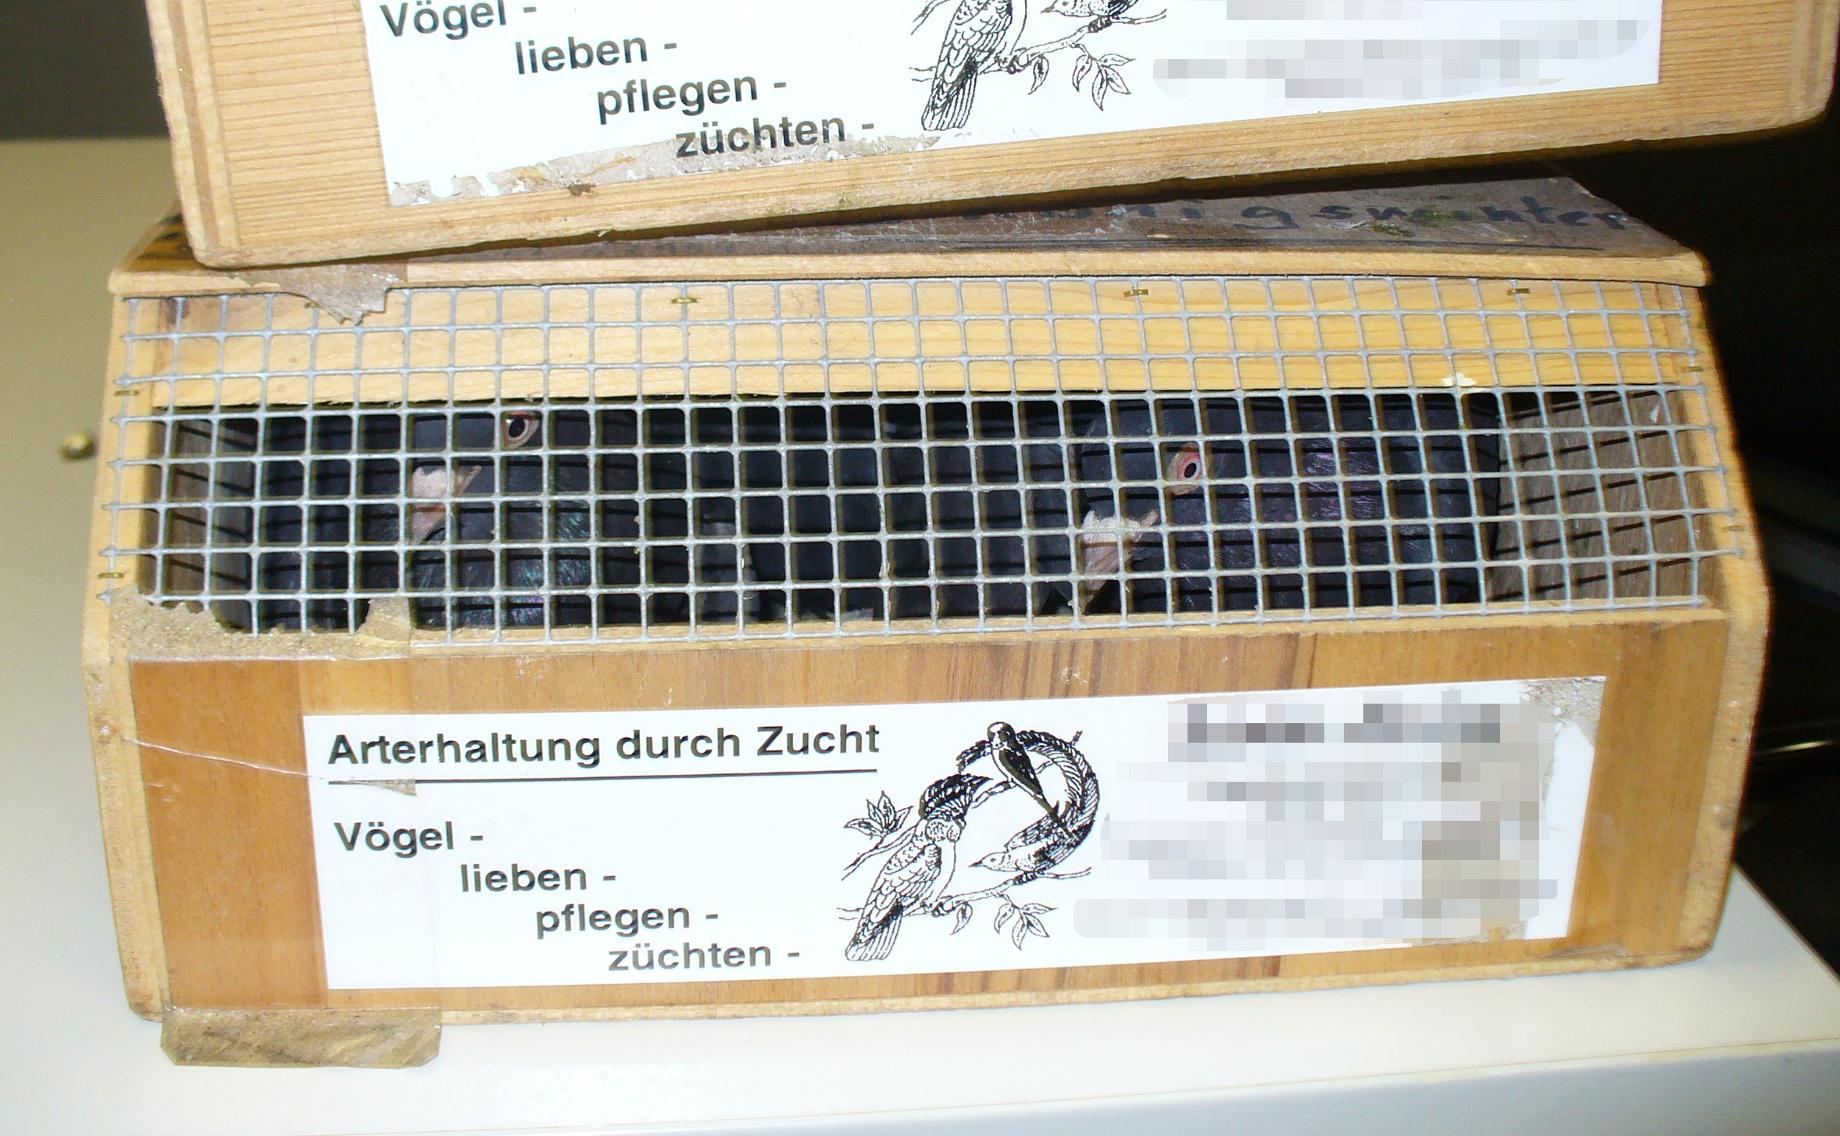 Sieben Tauben wollte ein 37-jähriger Mann aus der Türkei nach Deutschland schmuggeln (Foto: Hauptzollamt Düsseldorf)